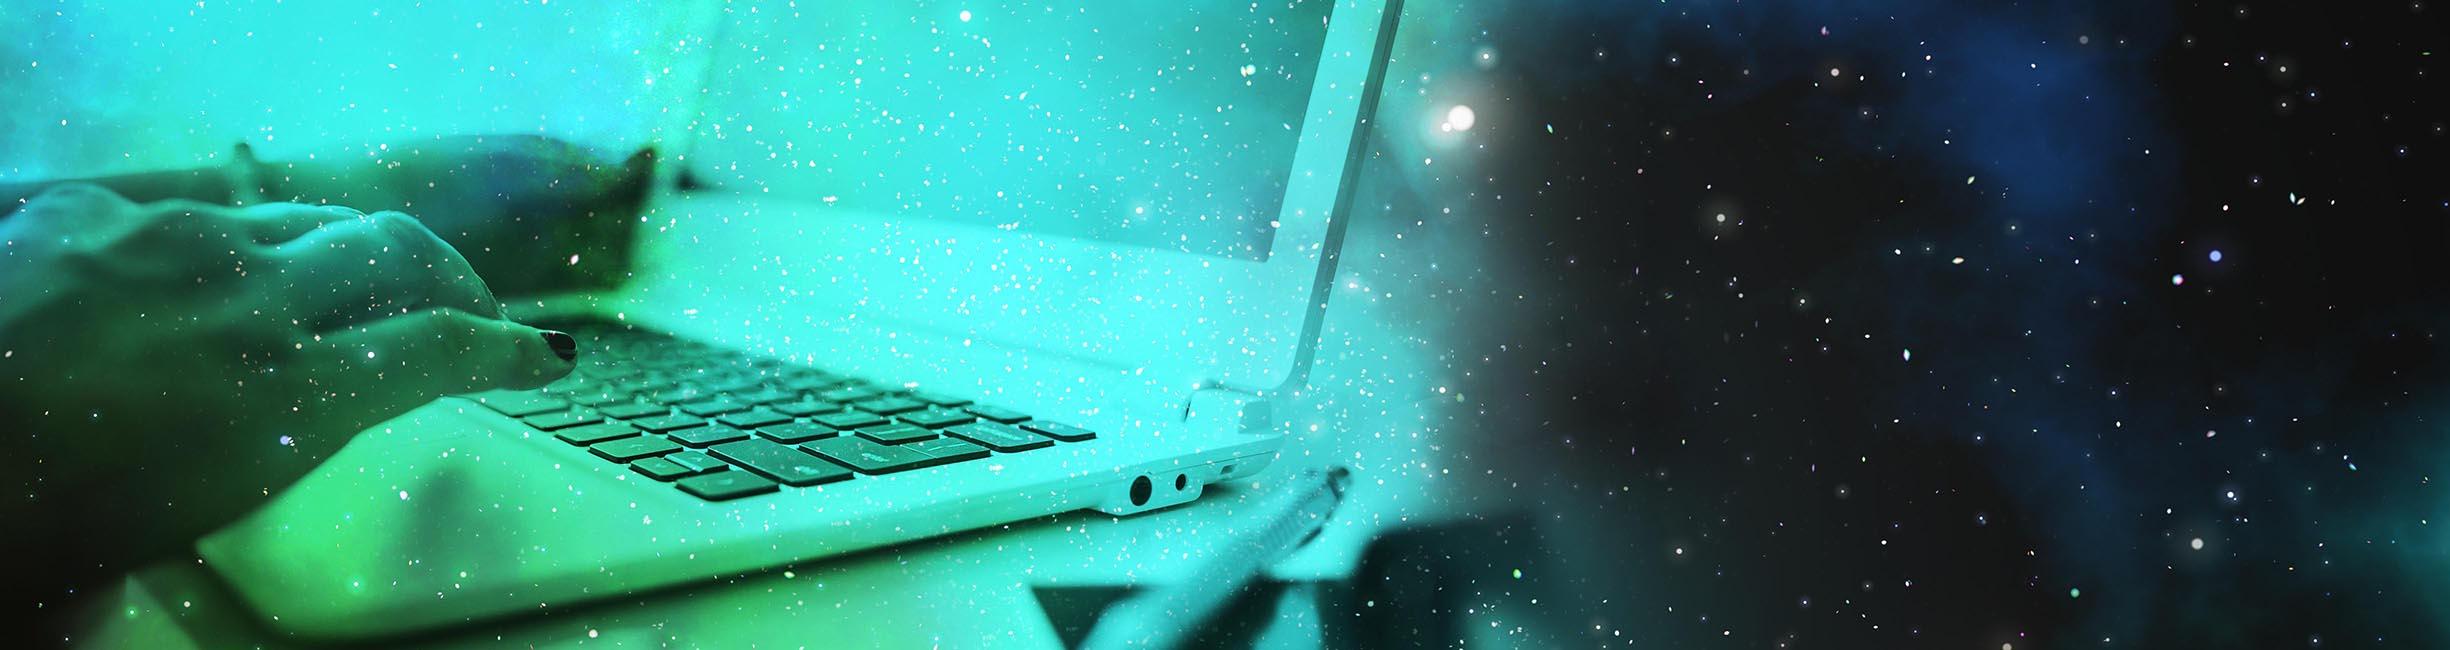 Perdu dans le monde des extensions de fichiers?